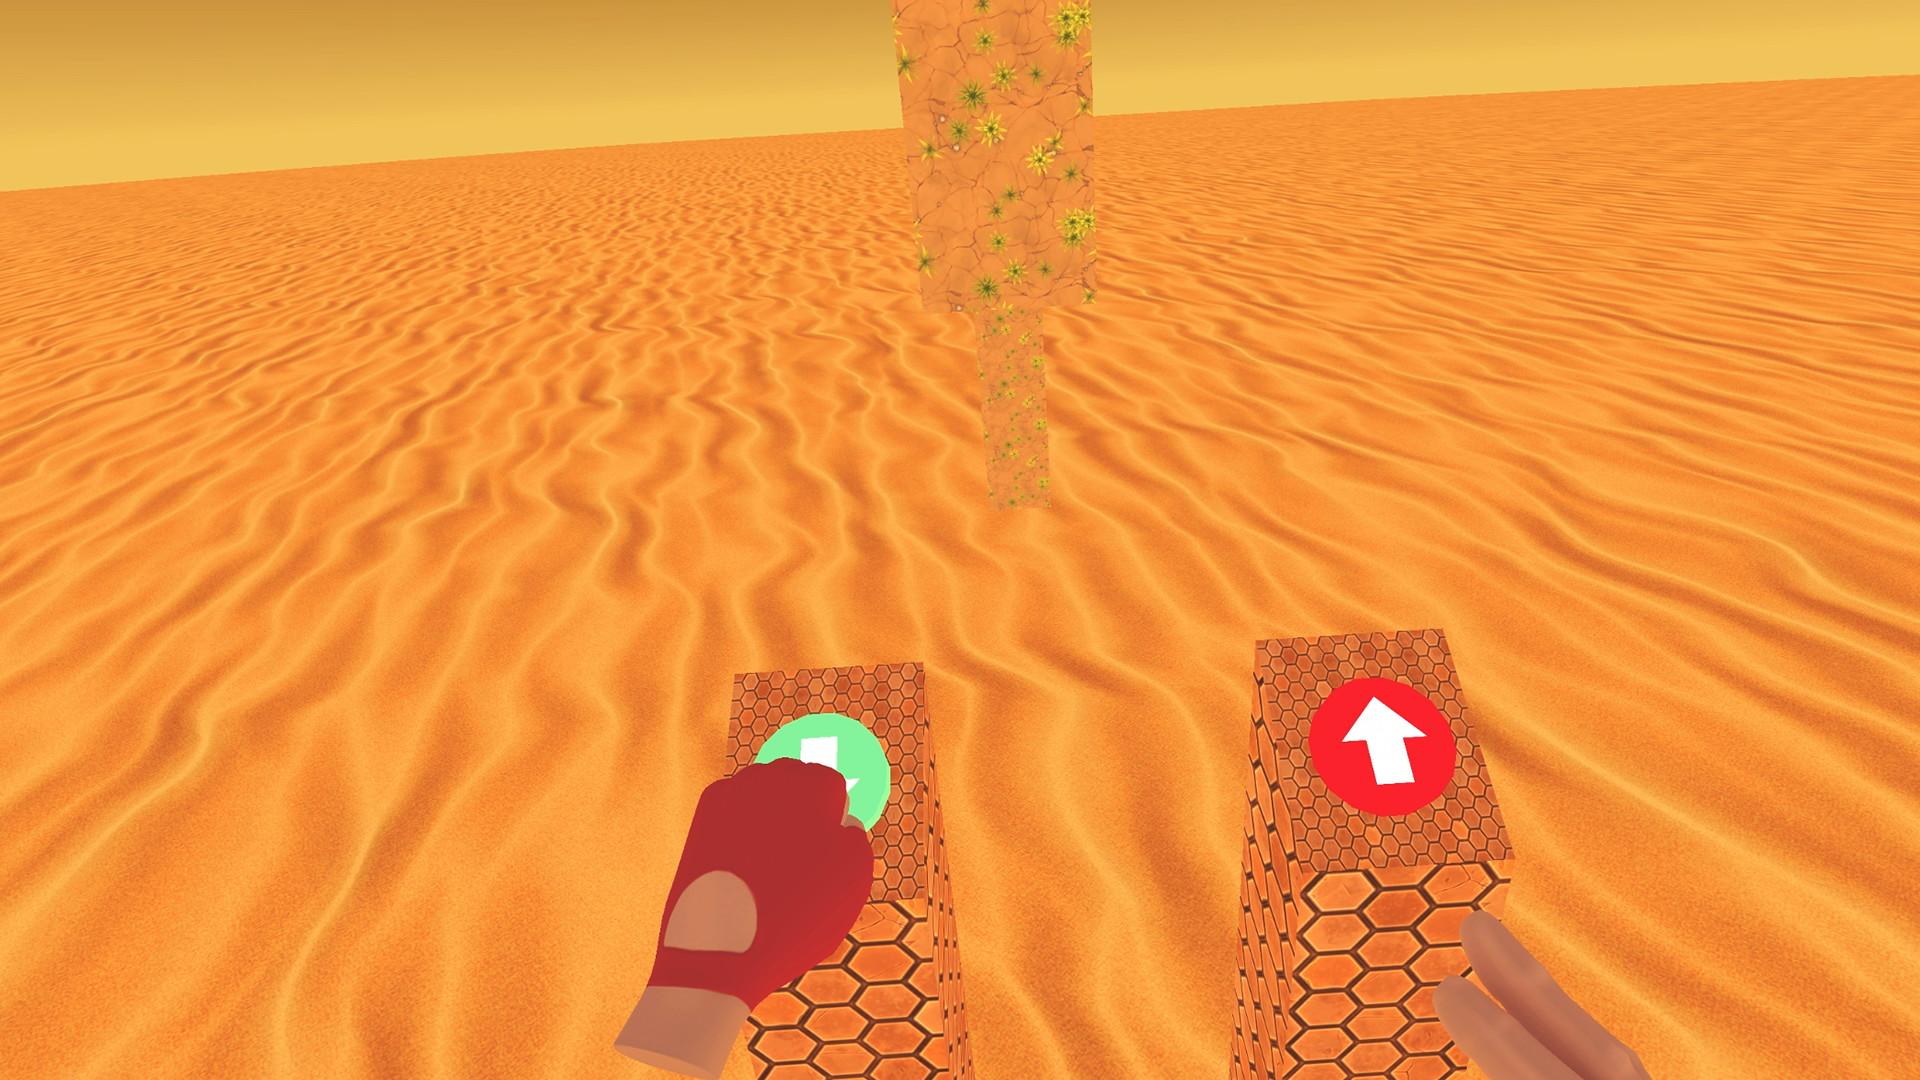 com.steam.1026210-screenshot